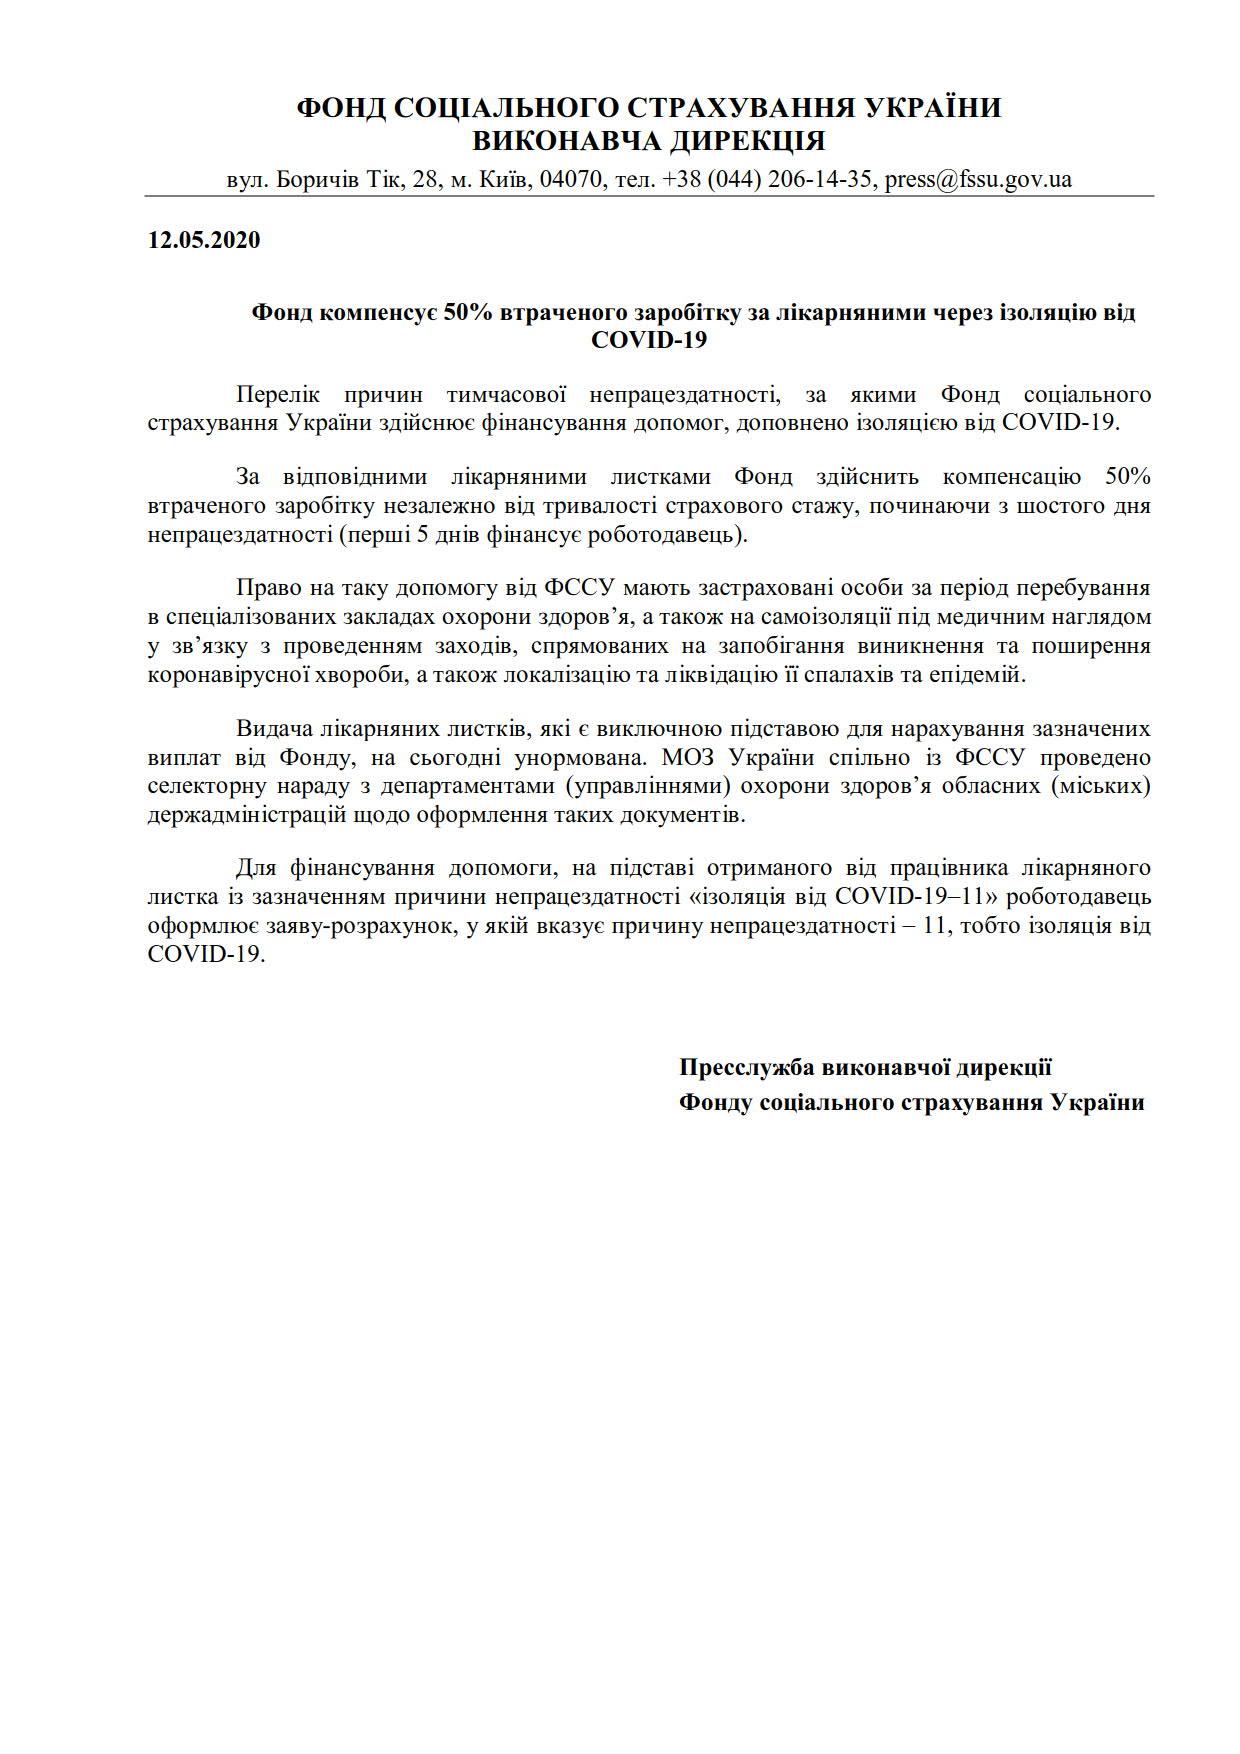 ФССУ_Ізоляція від ковід_1